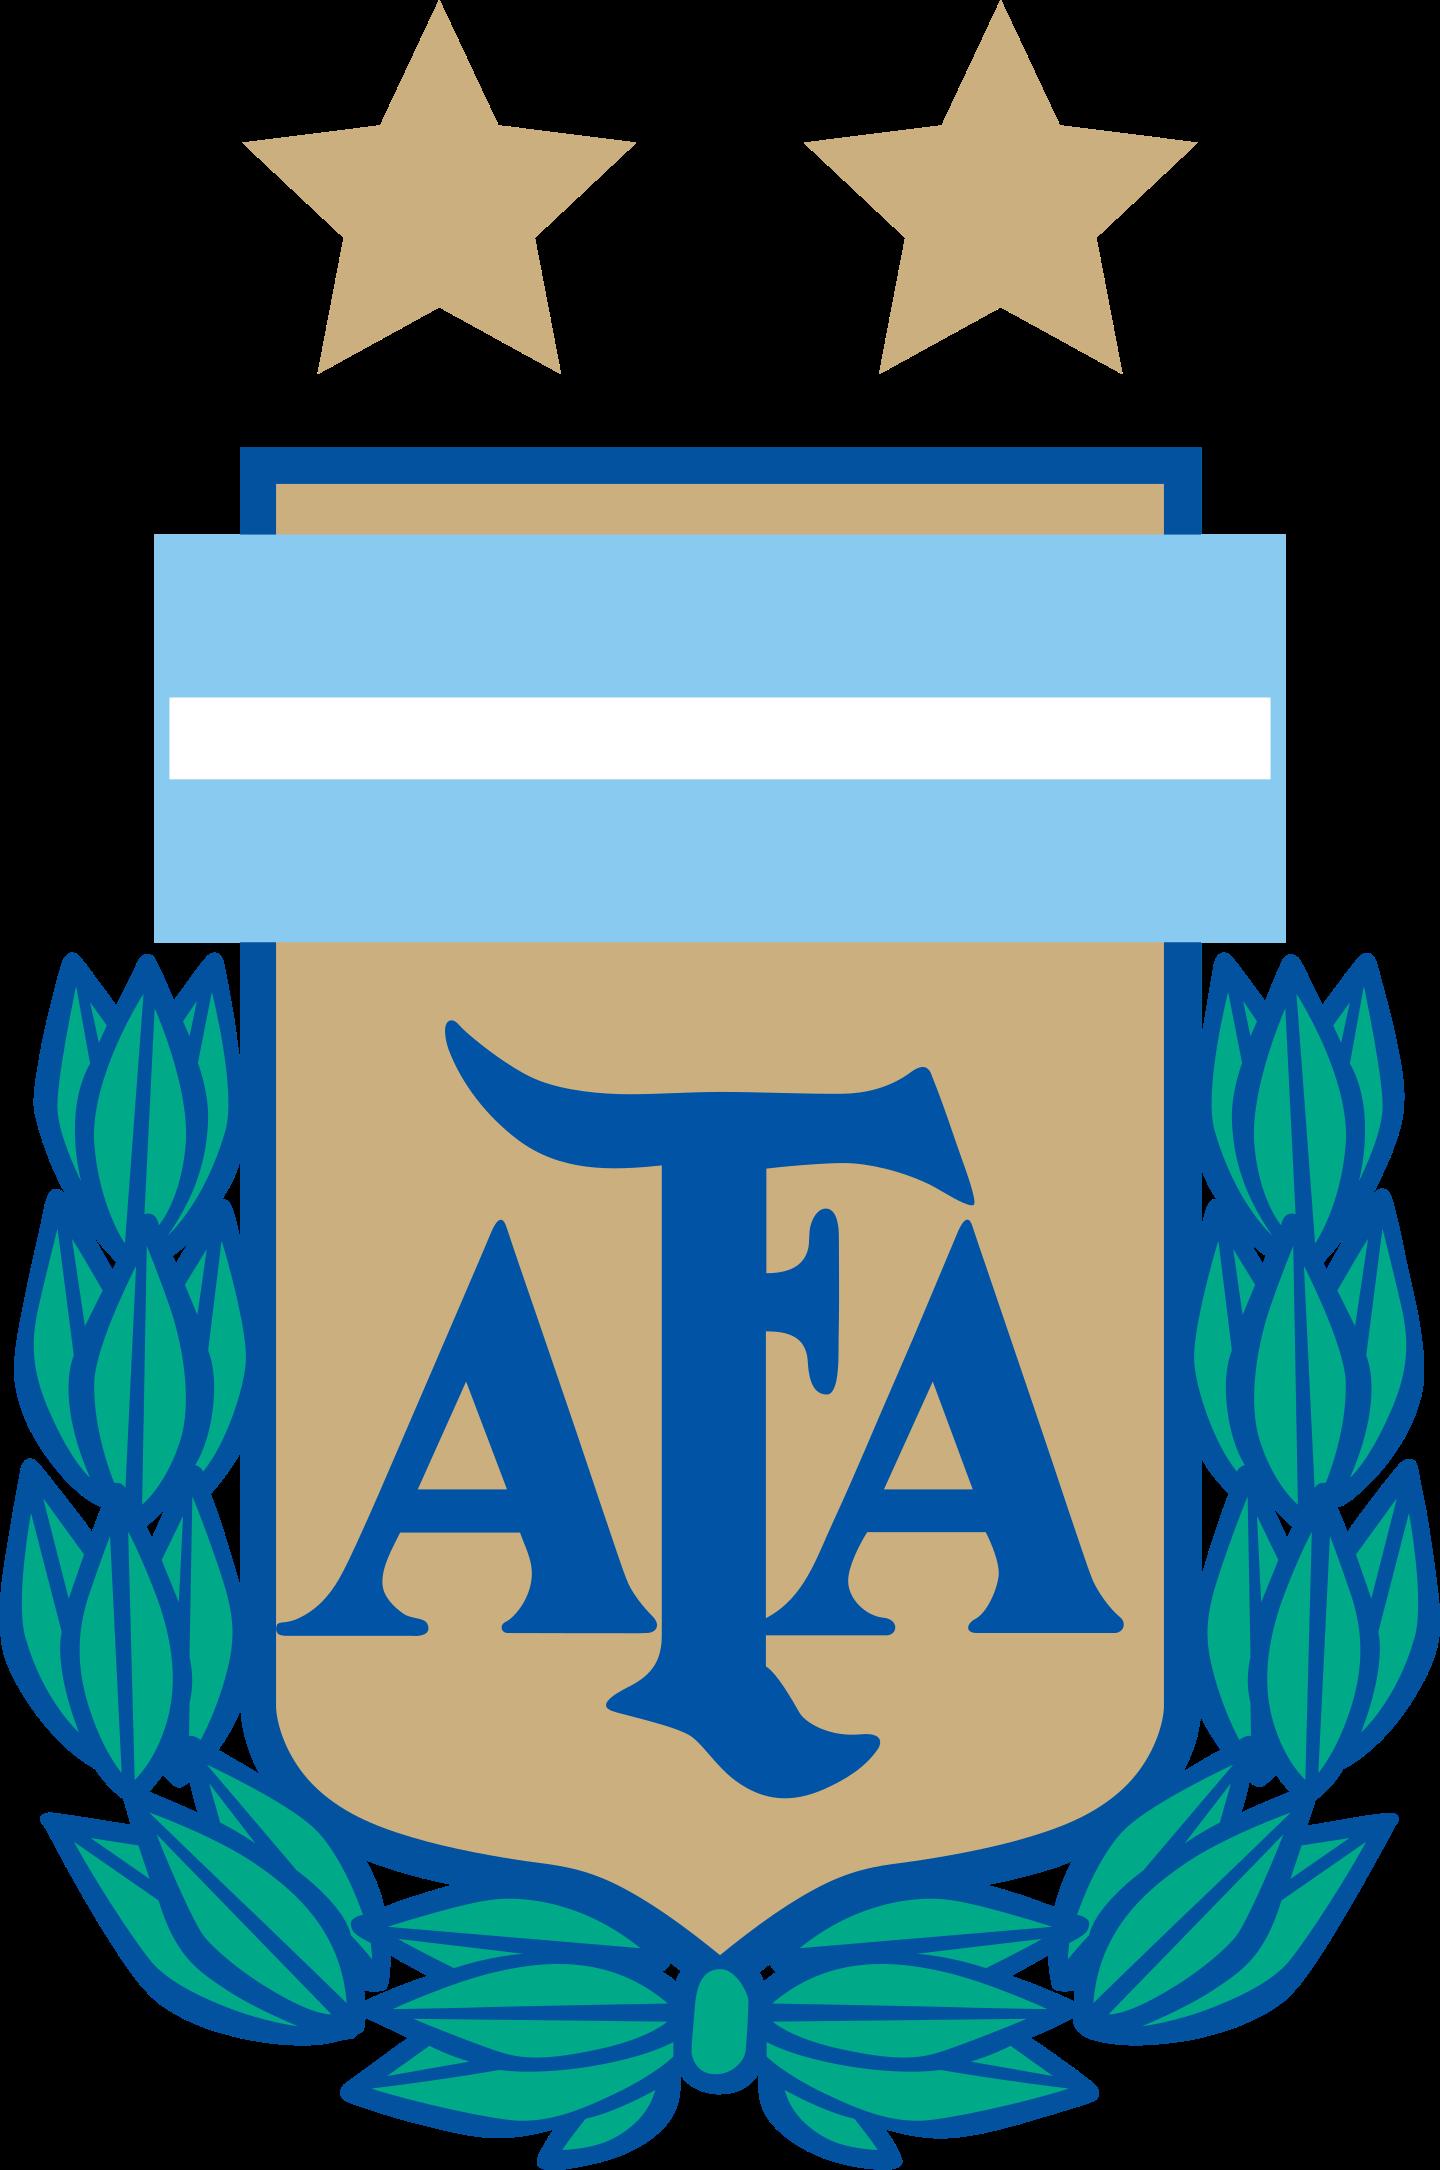 afa seleccion argentina futbol logo 2 - AFA - Selección Argentina Logo